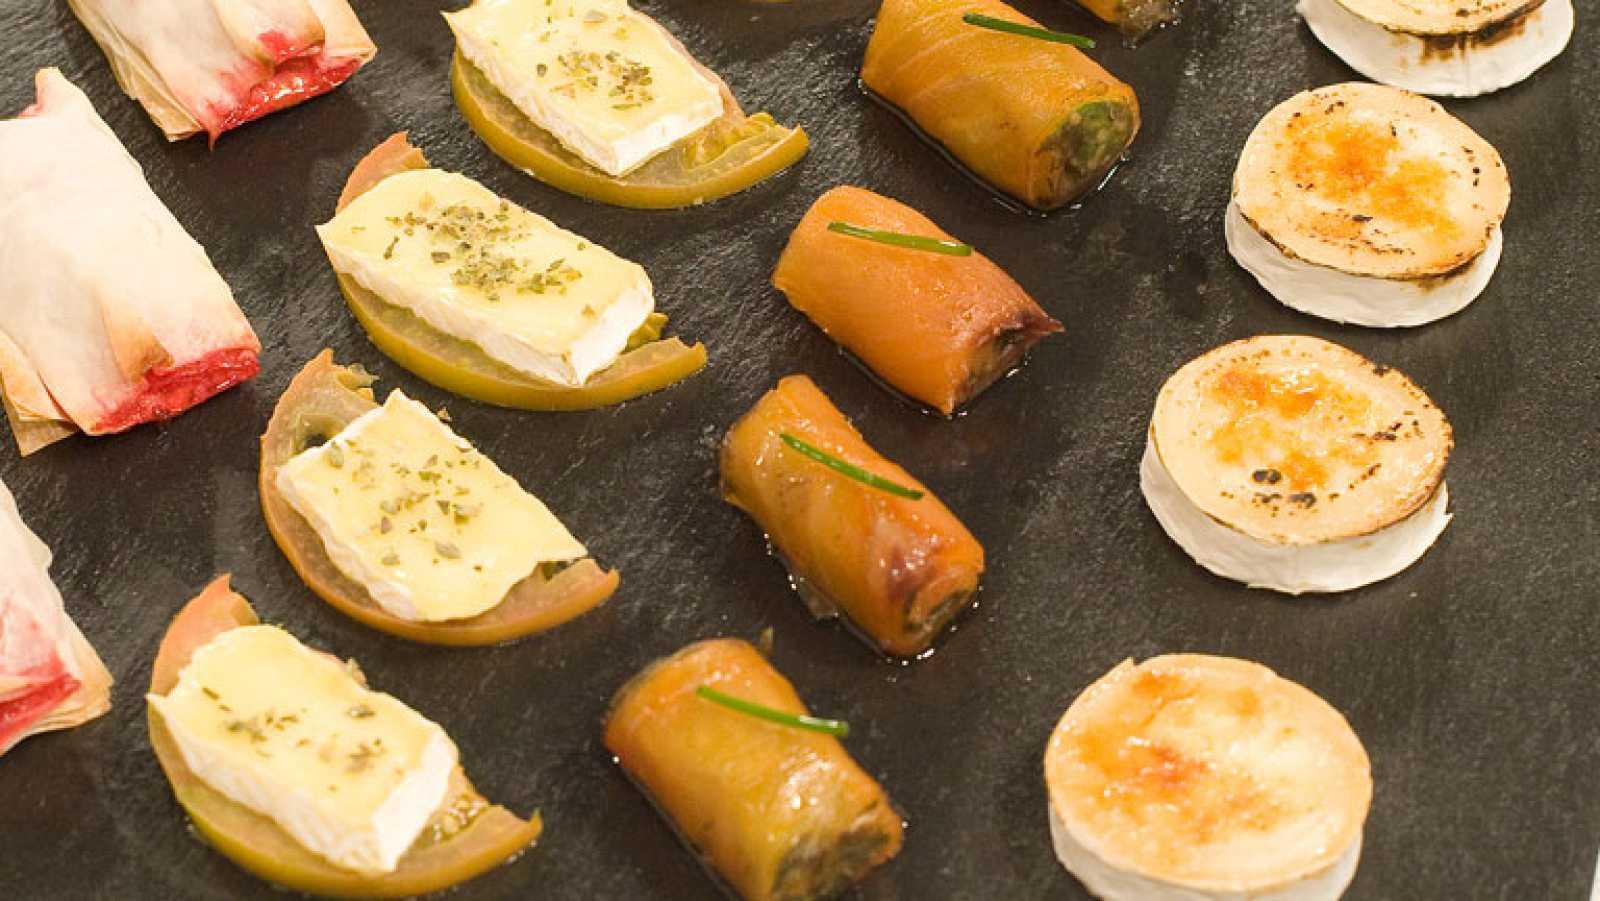 Blog saber cocinar tapas r pidas y originales - Tapas frias originales ...